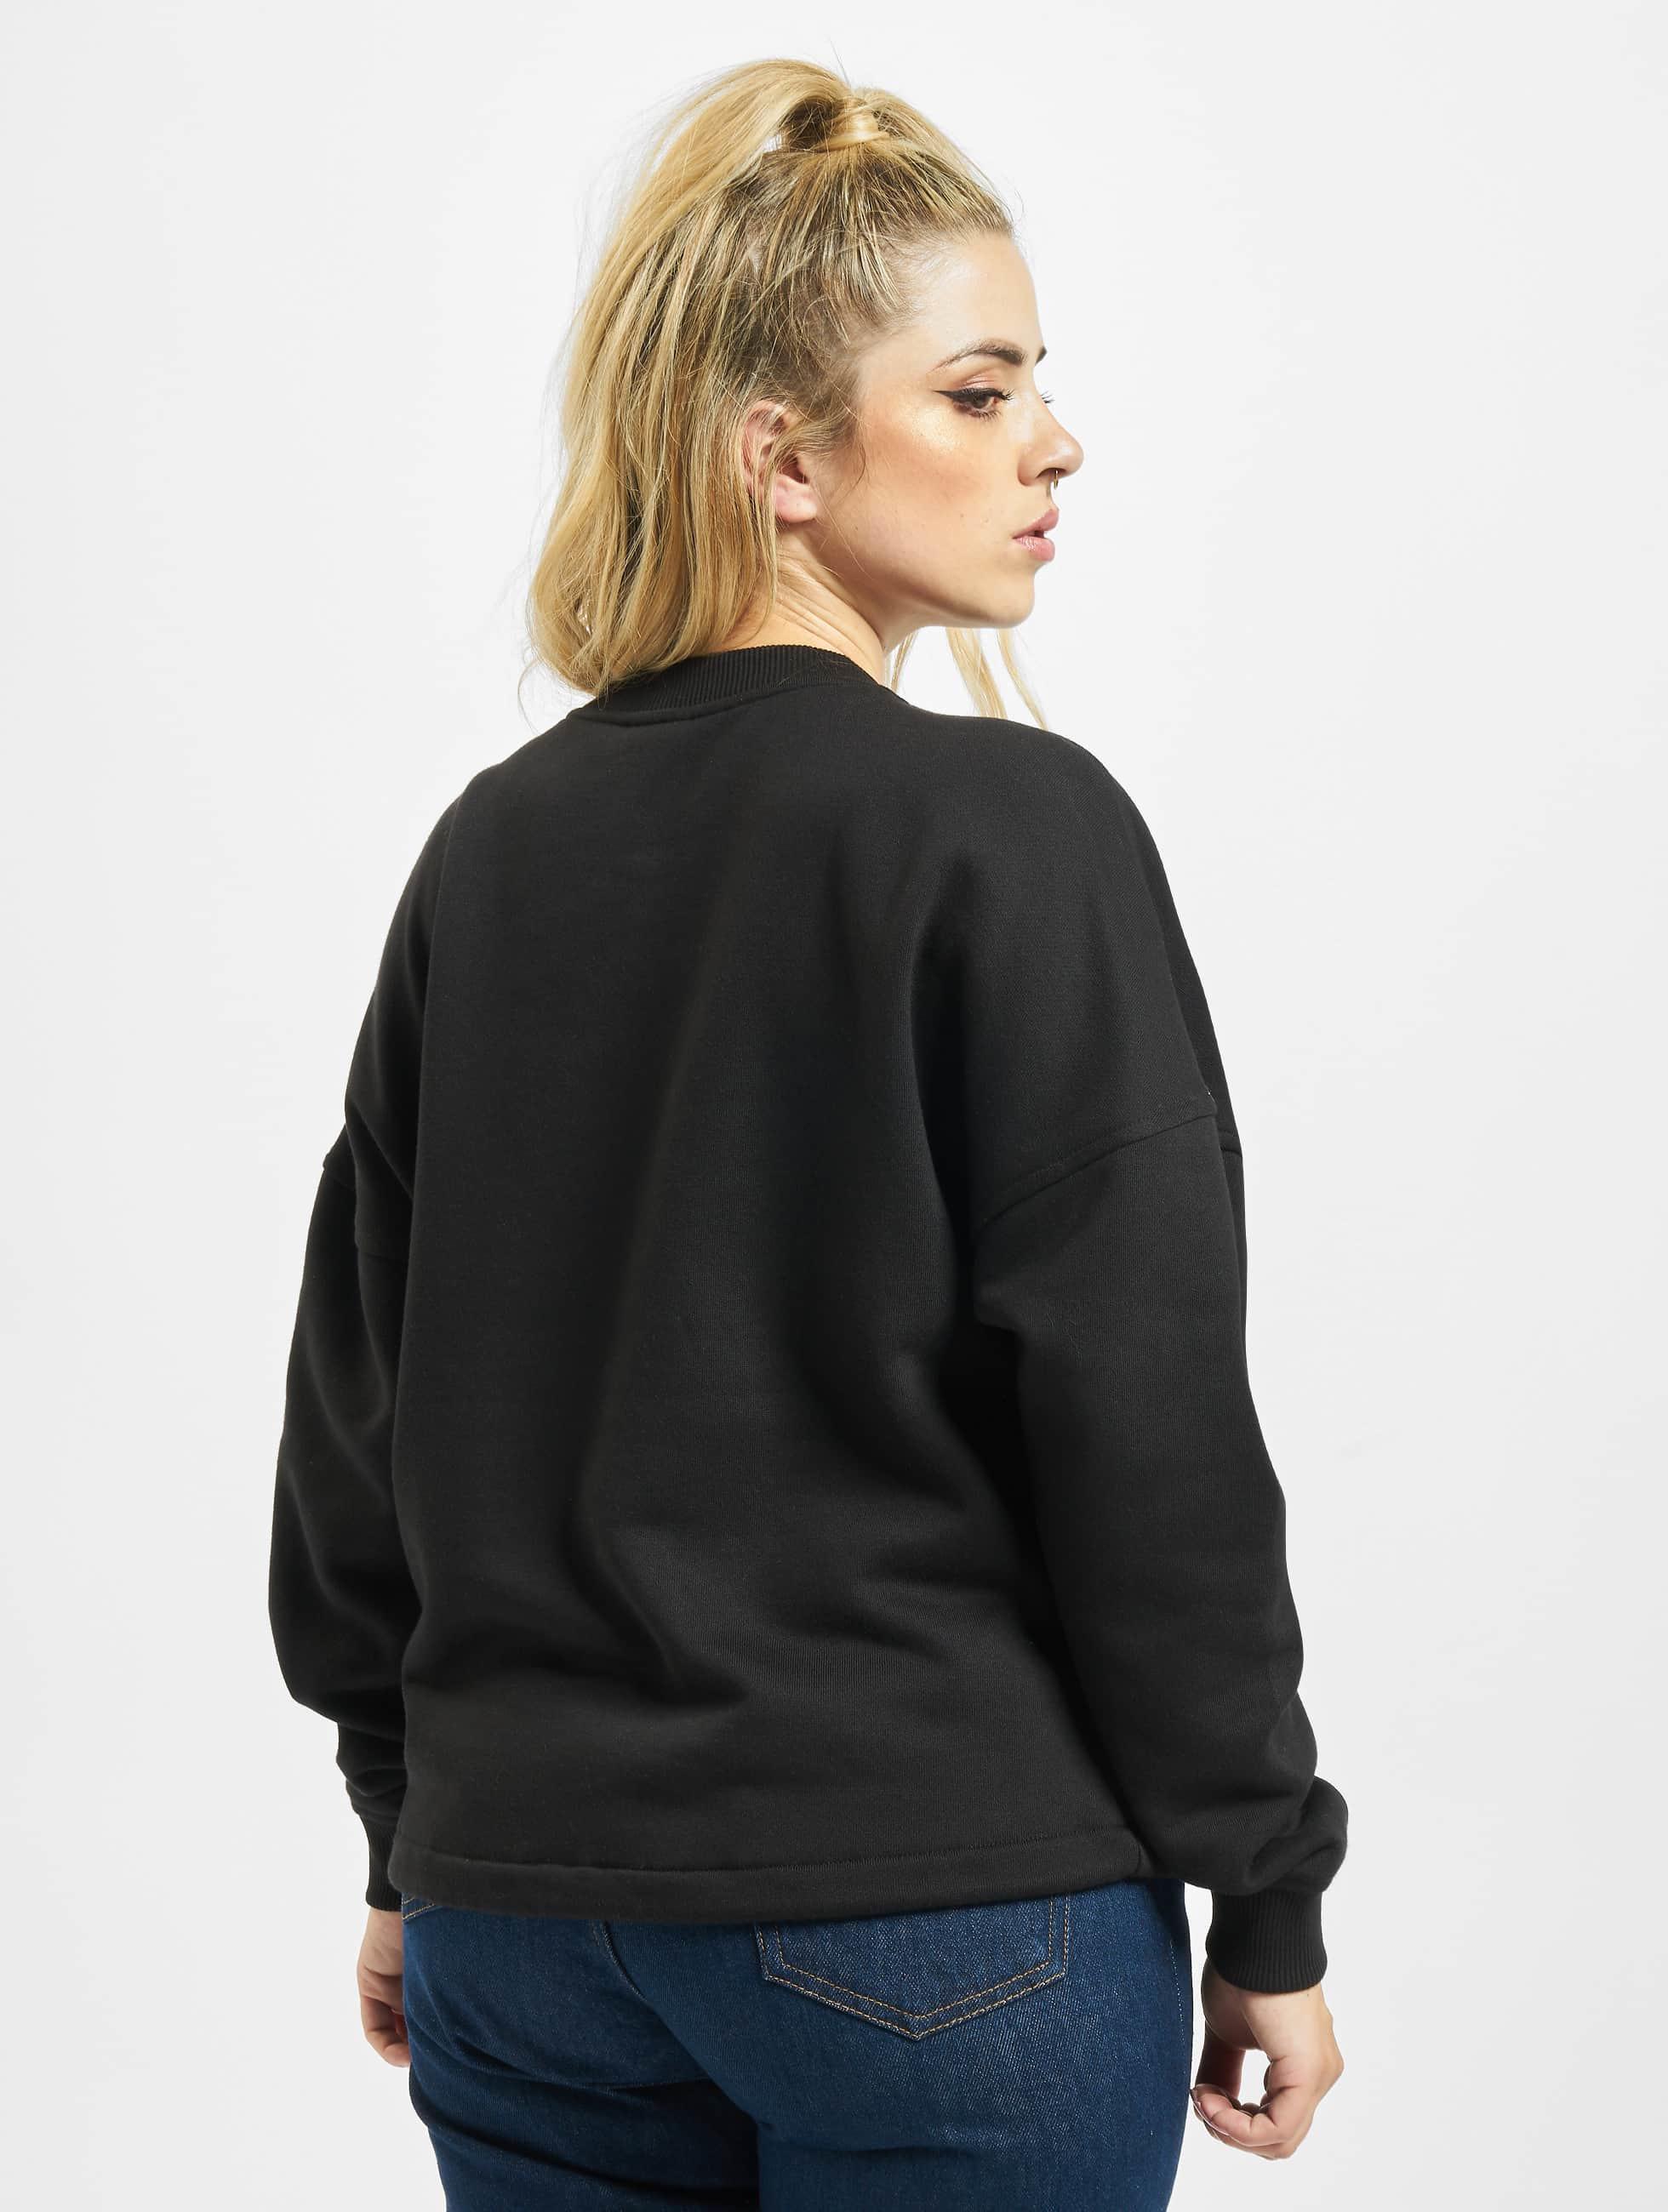 Urban Classics Jumper Ladies Oversized black